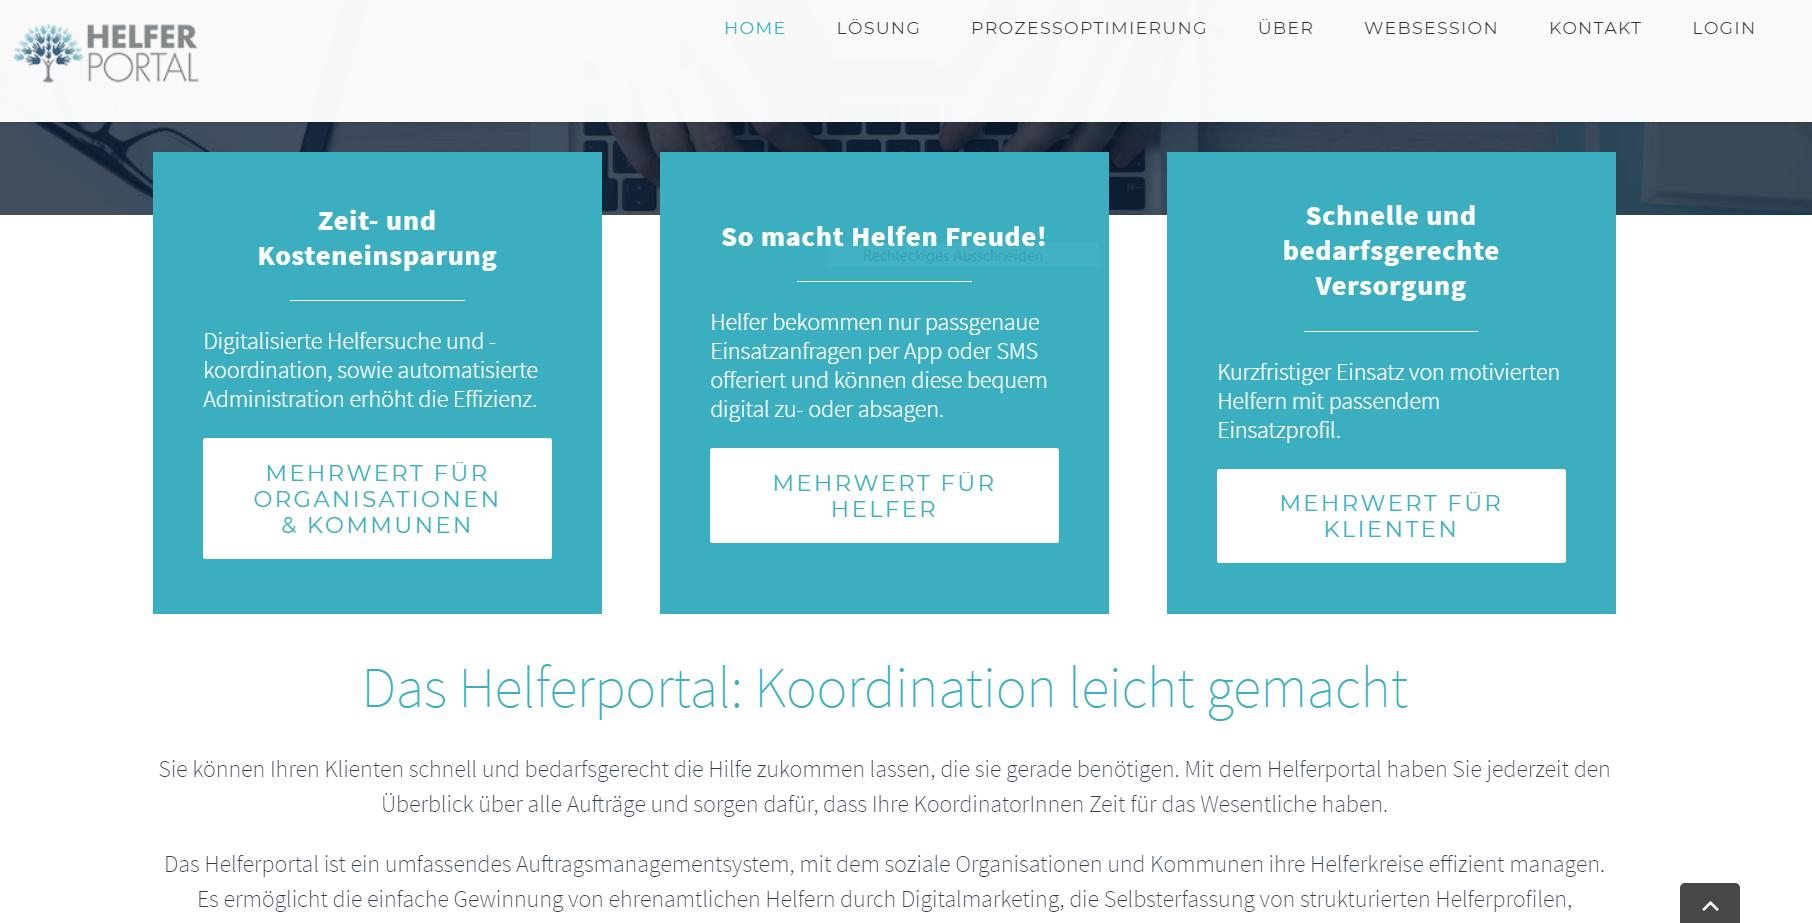 Screenshot von Helferportal.de: Eine Pflege-Plattform, die das Ehrenamt digital vernetzt: